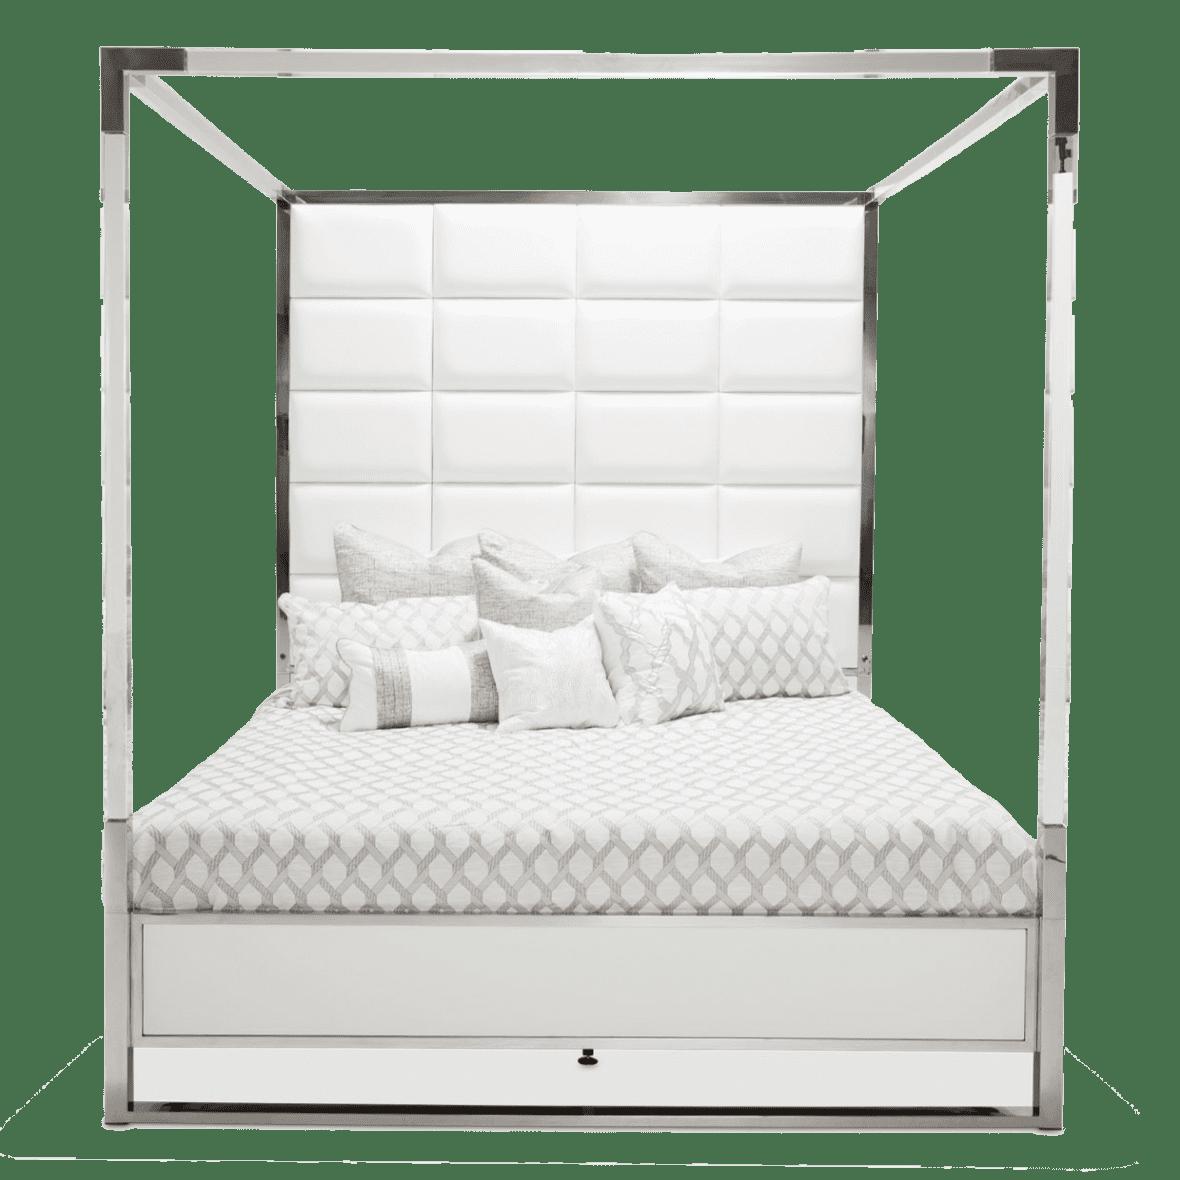 Кровать с кожаными пуфами и прозрачным балдахином, размер Cal King